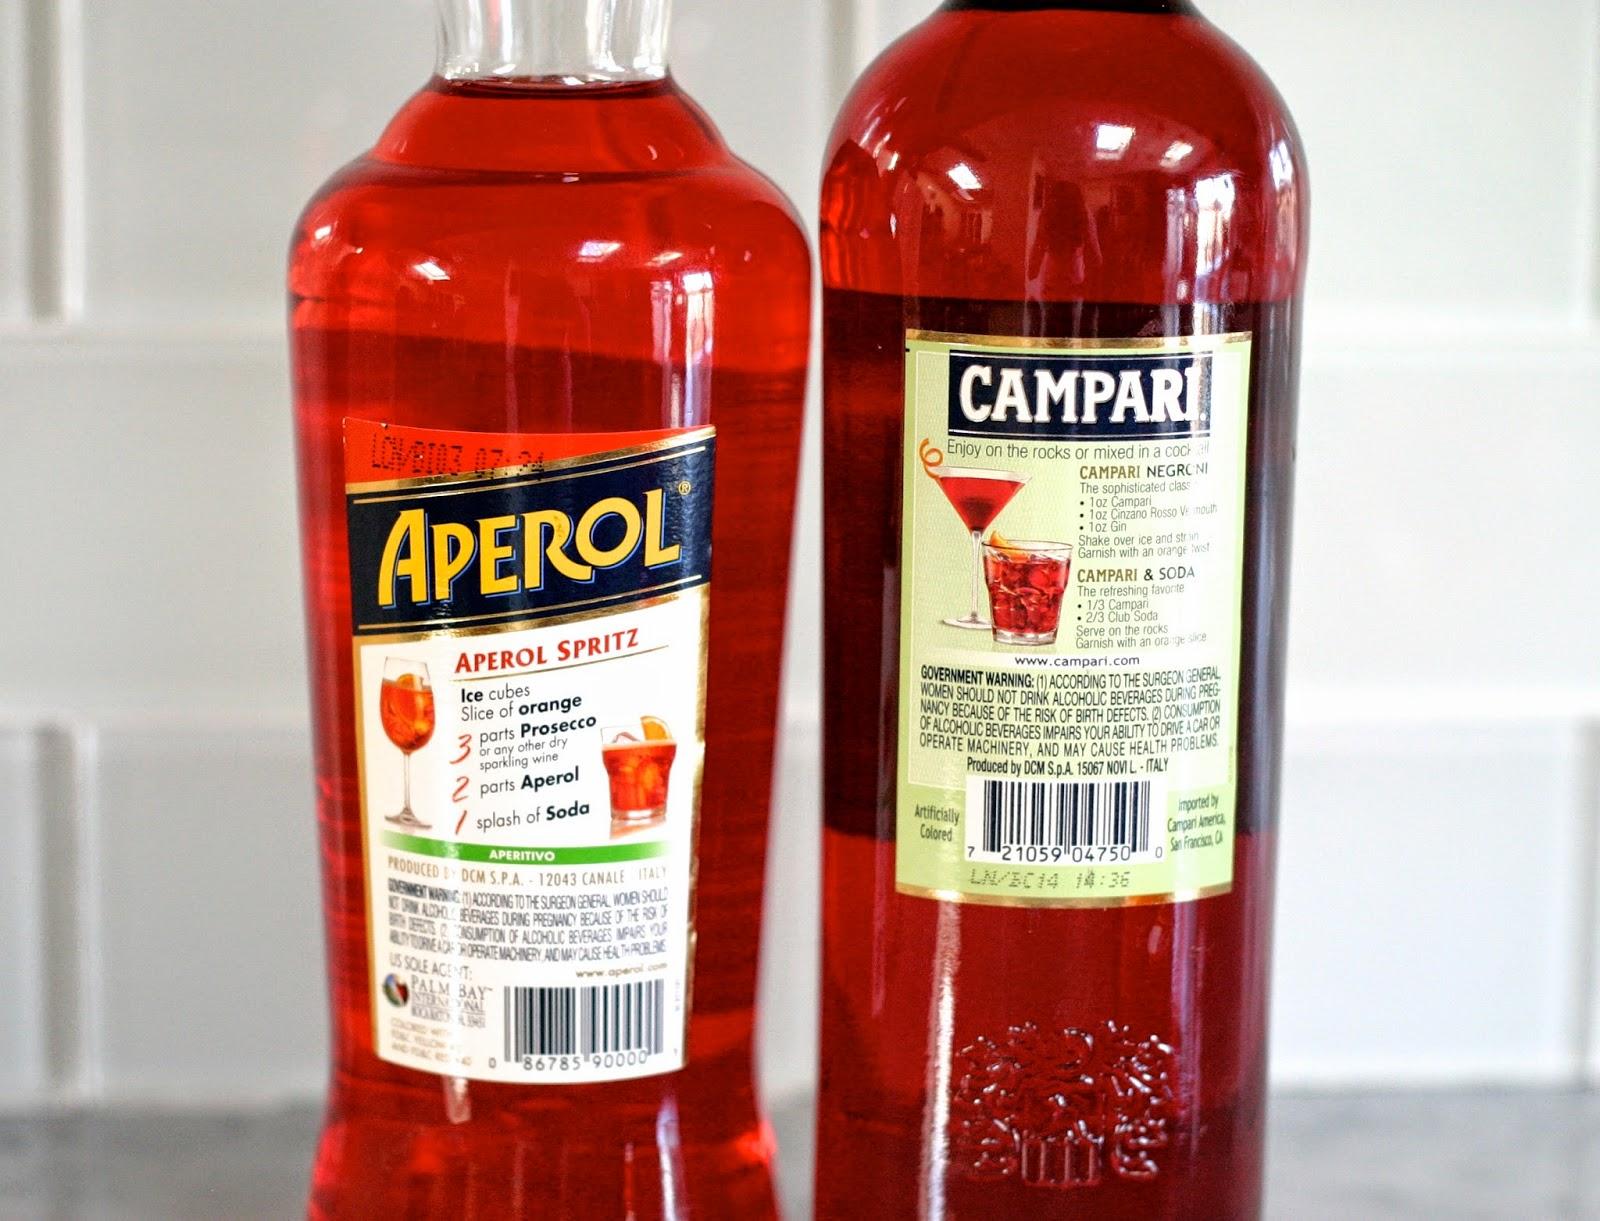 бутылки Campari Aperol сравнение и отличия этикетки аперитивов из Италии